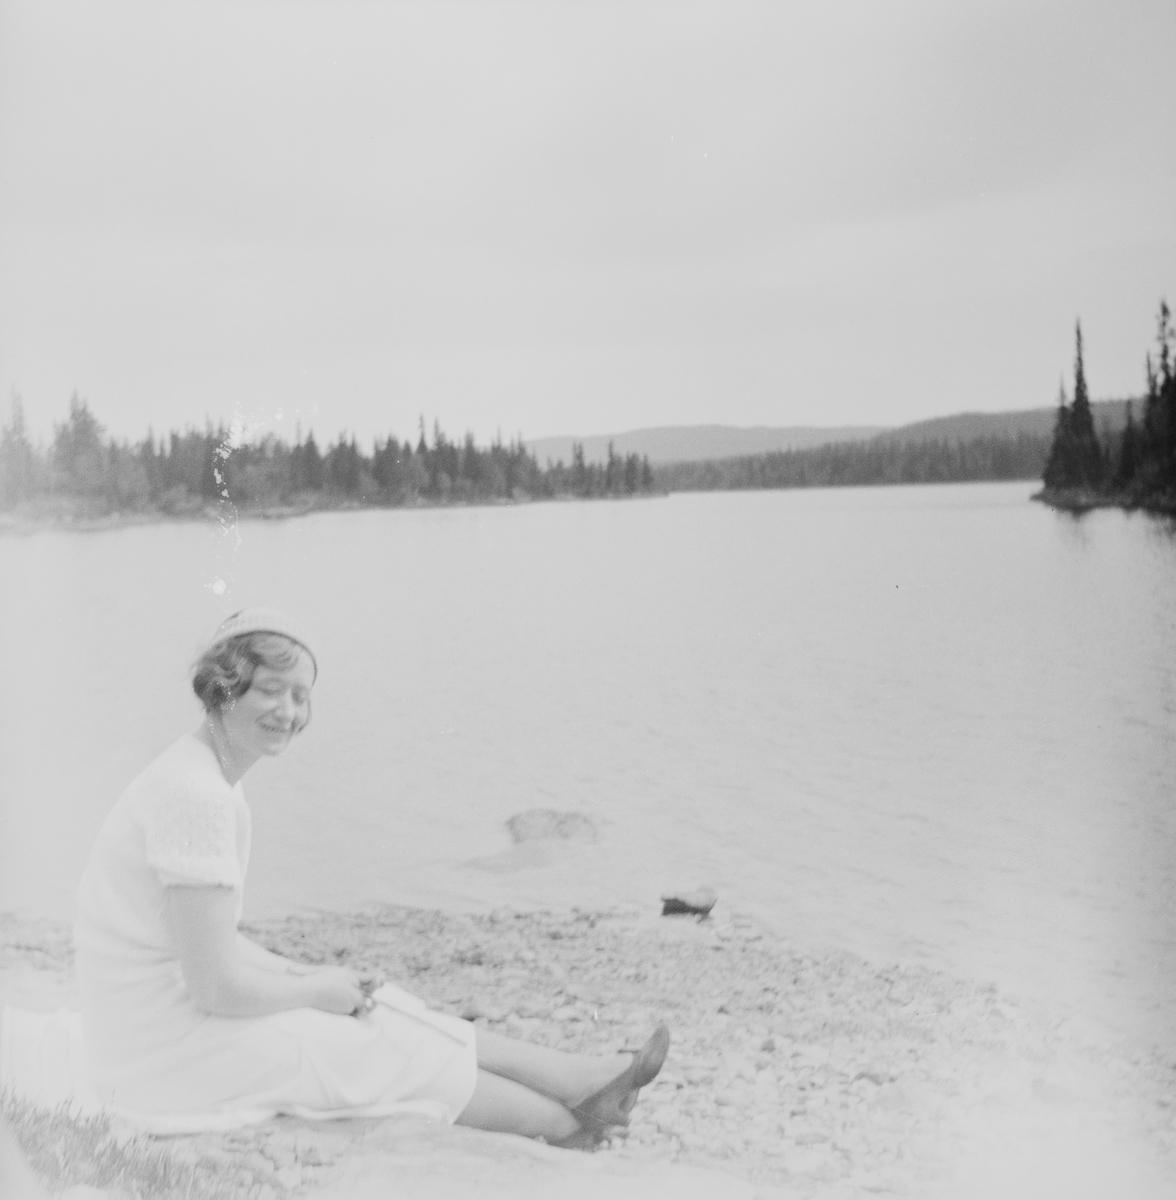 En kvinne sitter på en steinete strand ved en innsjø i Jeppedalen. I bakgrunnen ligger skogkledte nes og åser.